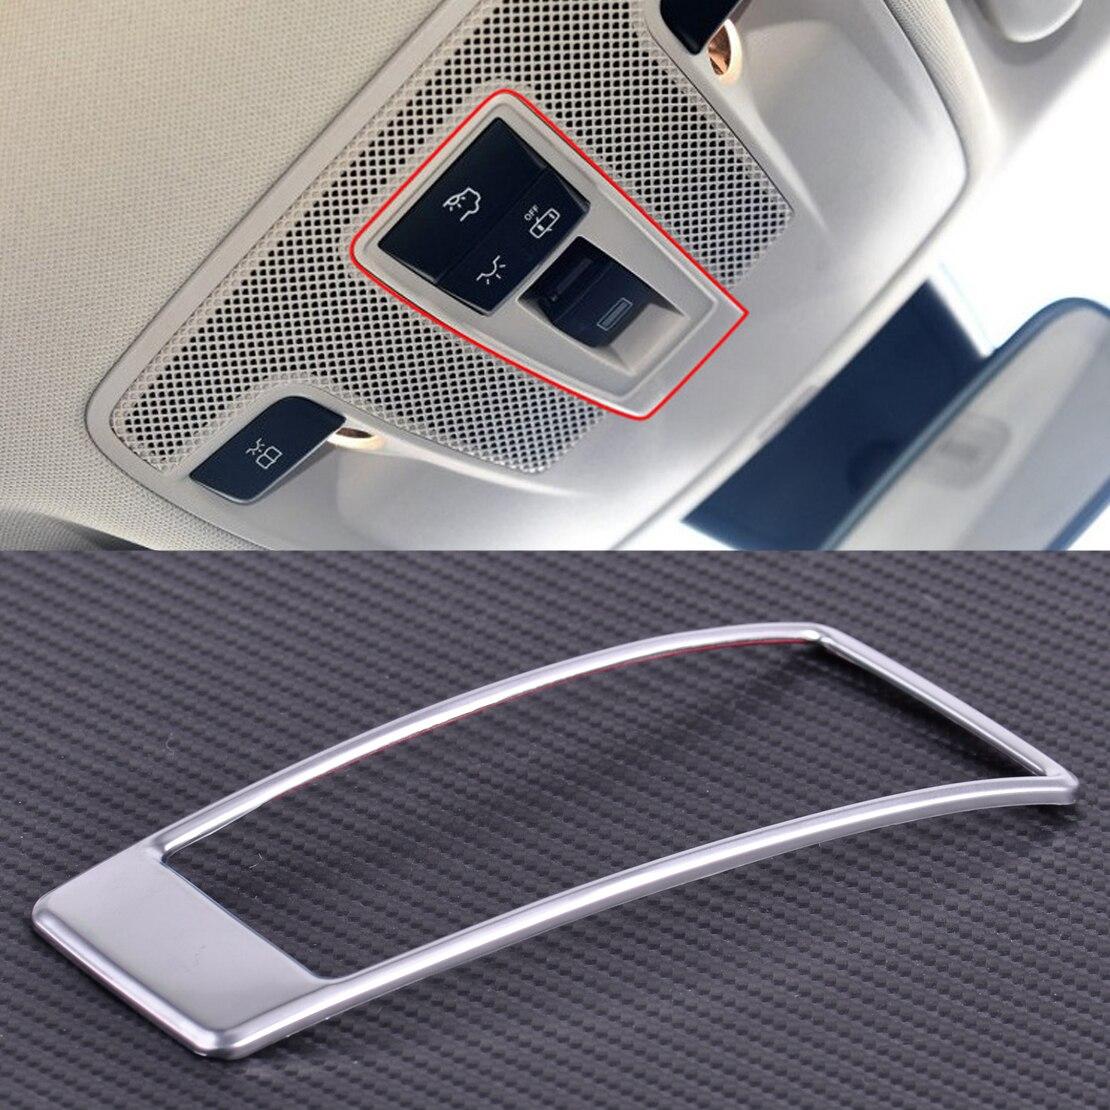 Carro-styling CITALL Sunroof Interruptor de Luz Decoração Guarnição Quadro Capa para Mercedes Benz W176 W246 CLA Classe A B X156 C117 ABL 2015 2016